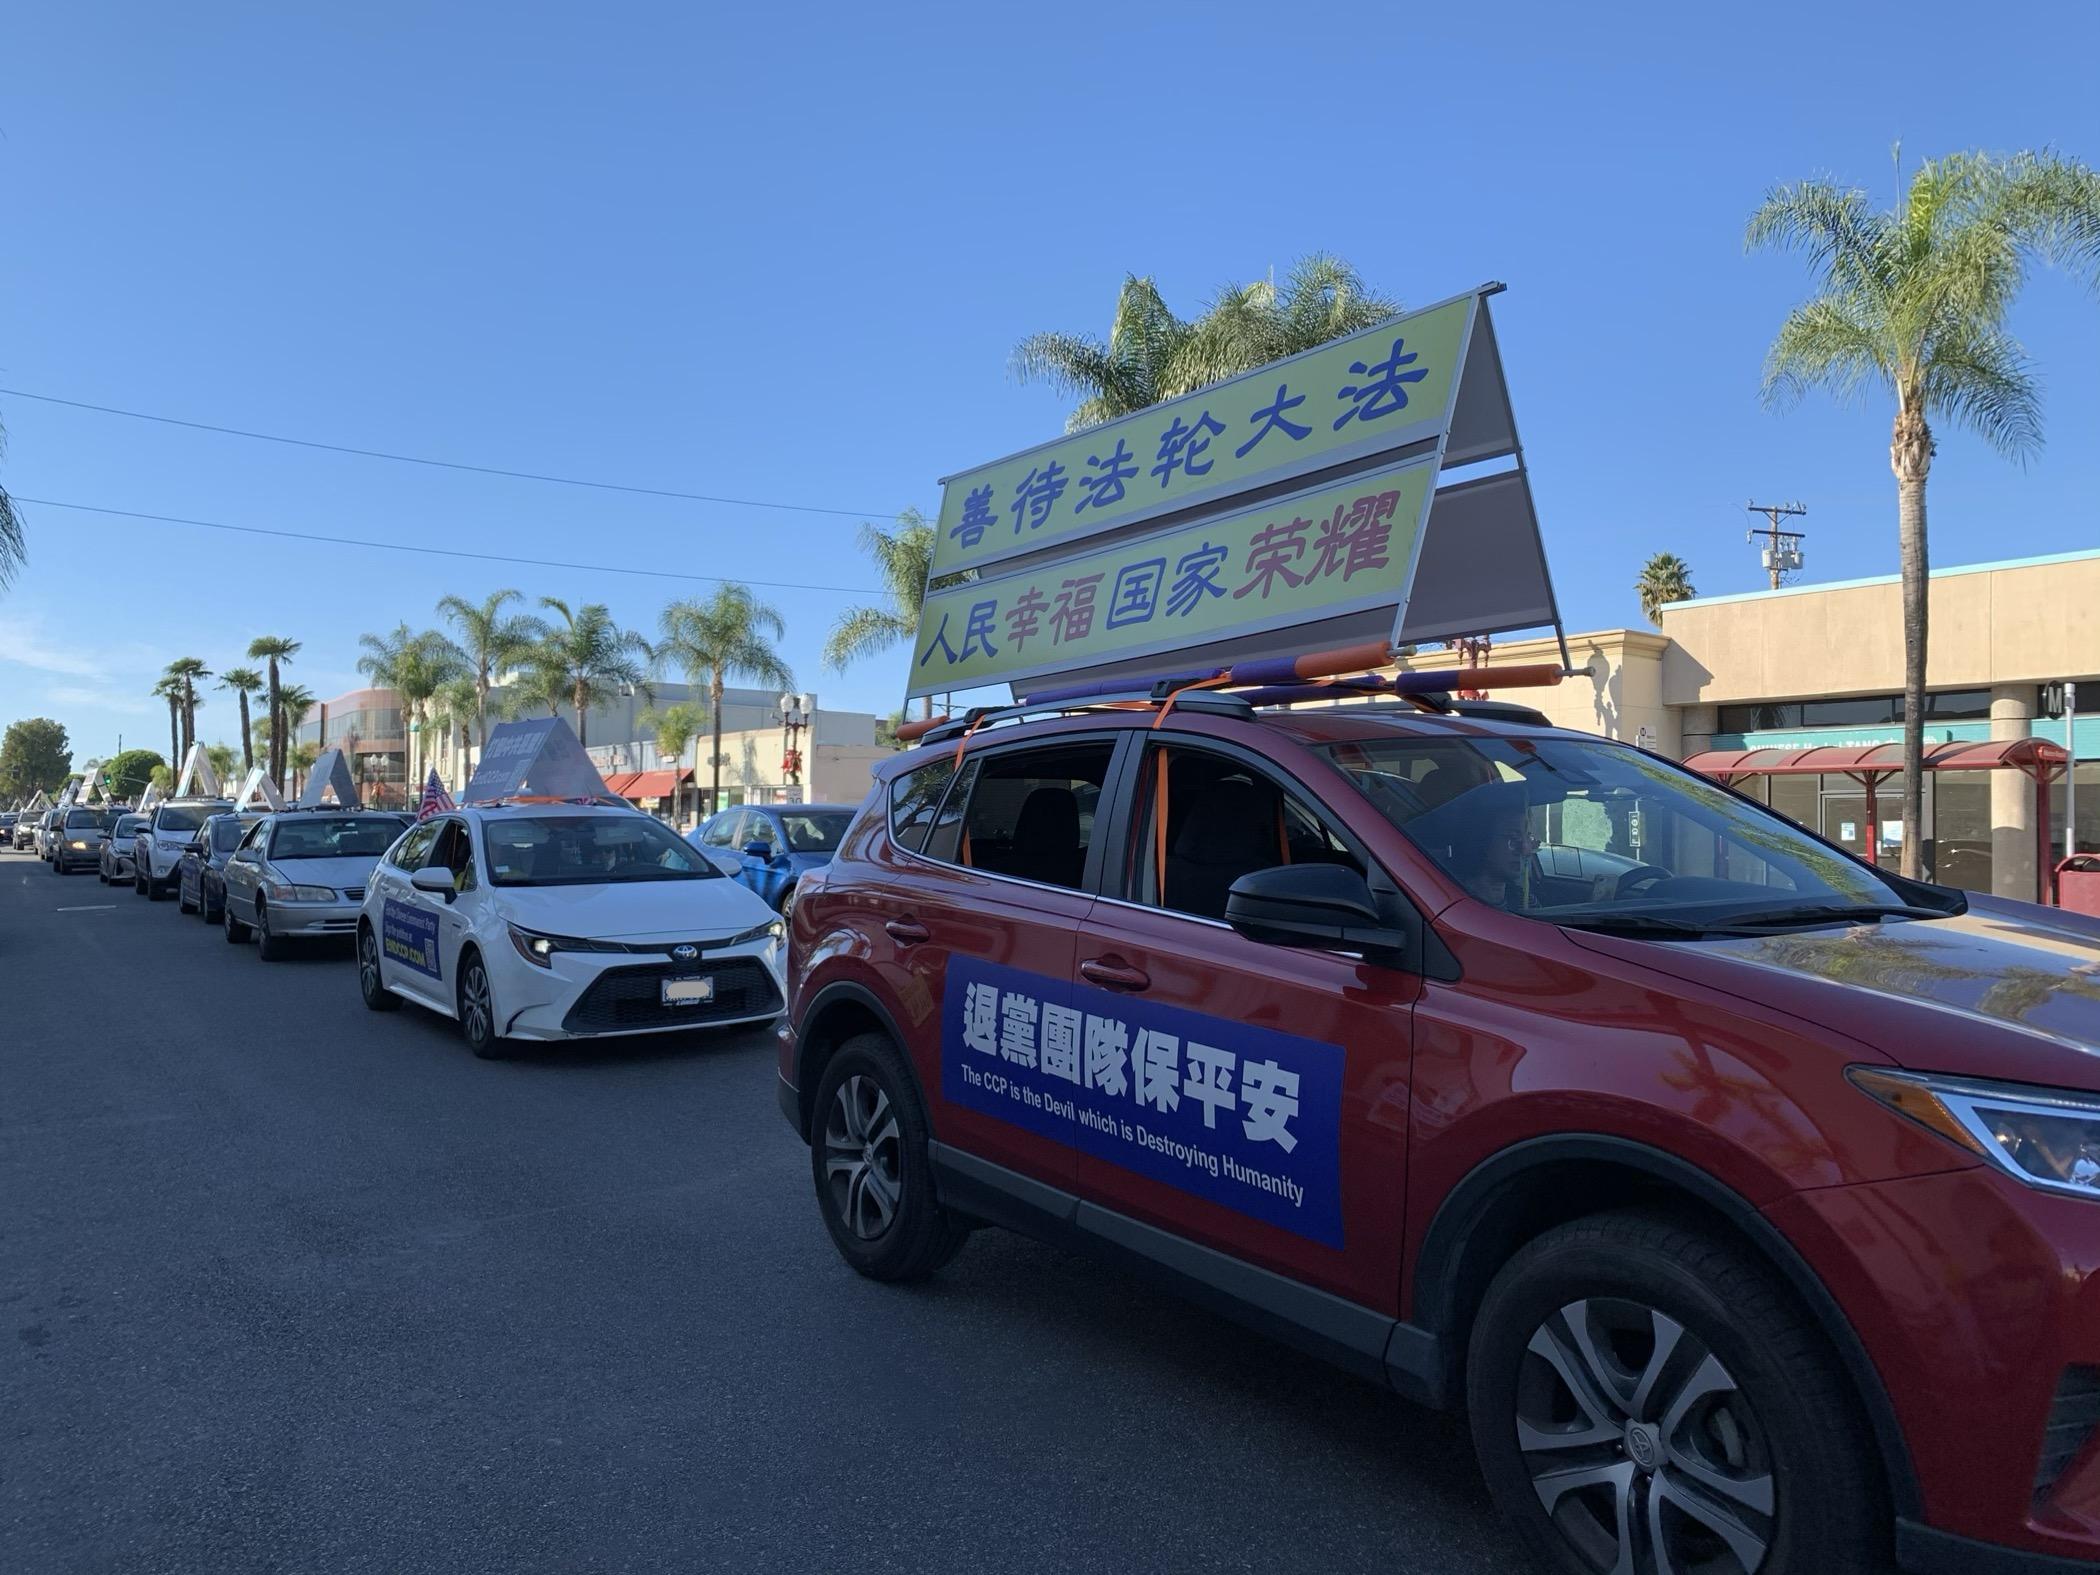 洛杉磯鬧市現真相車隊 華人覺醒支持法輪功